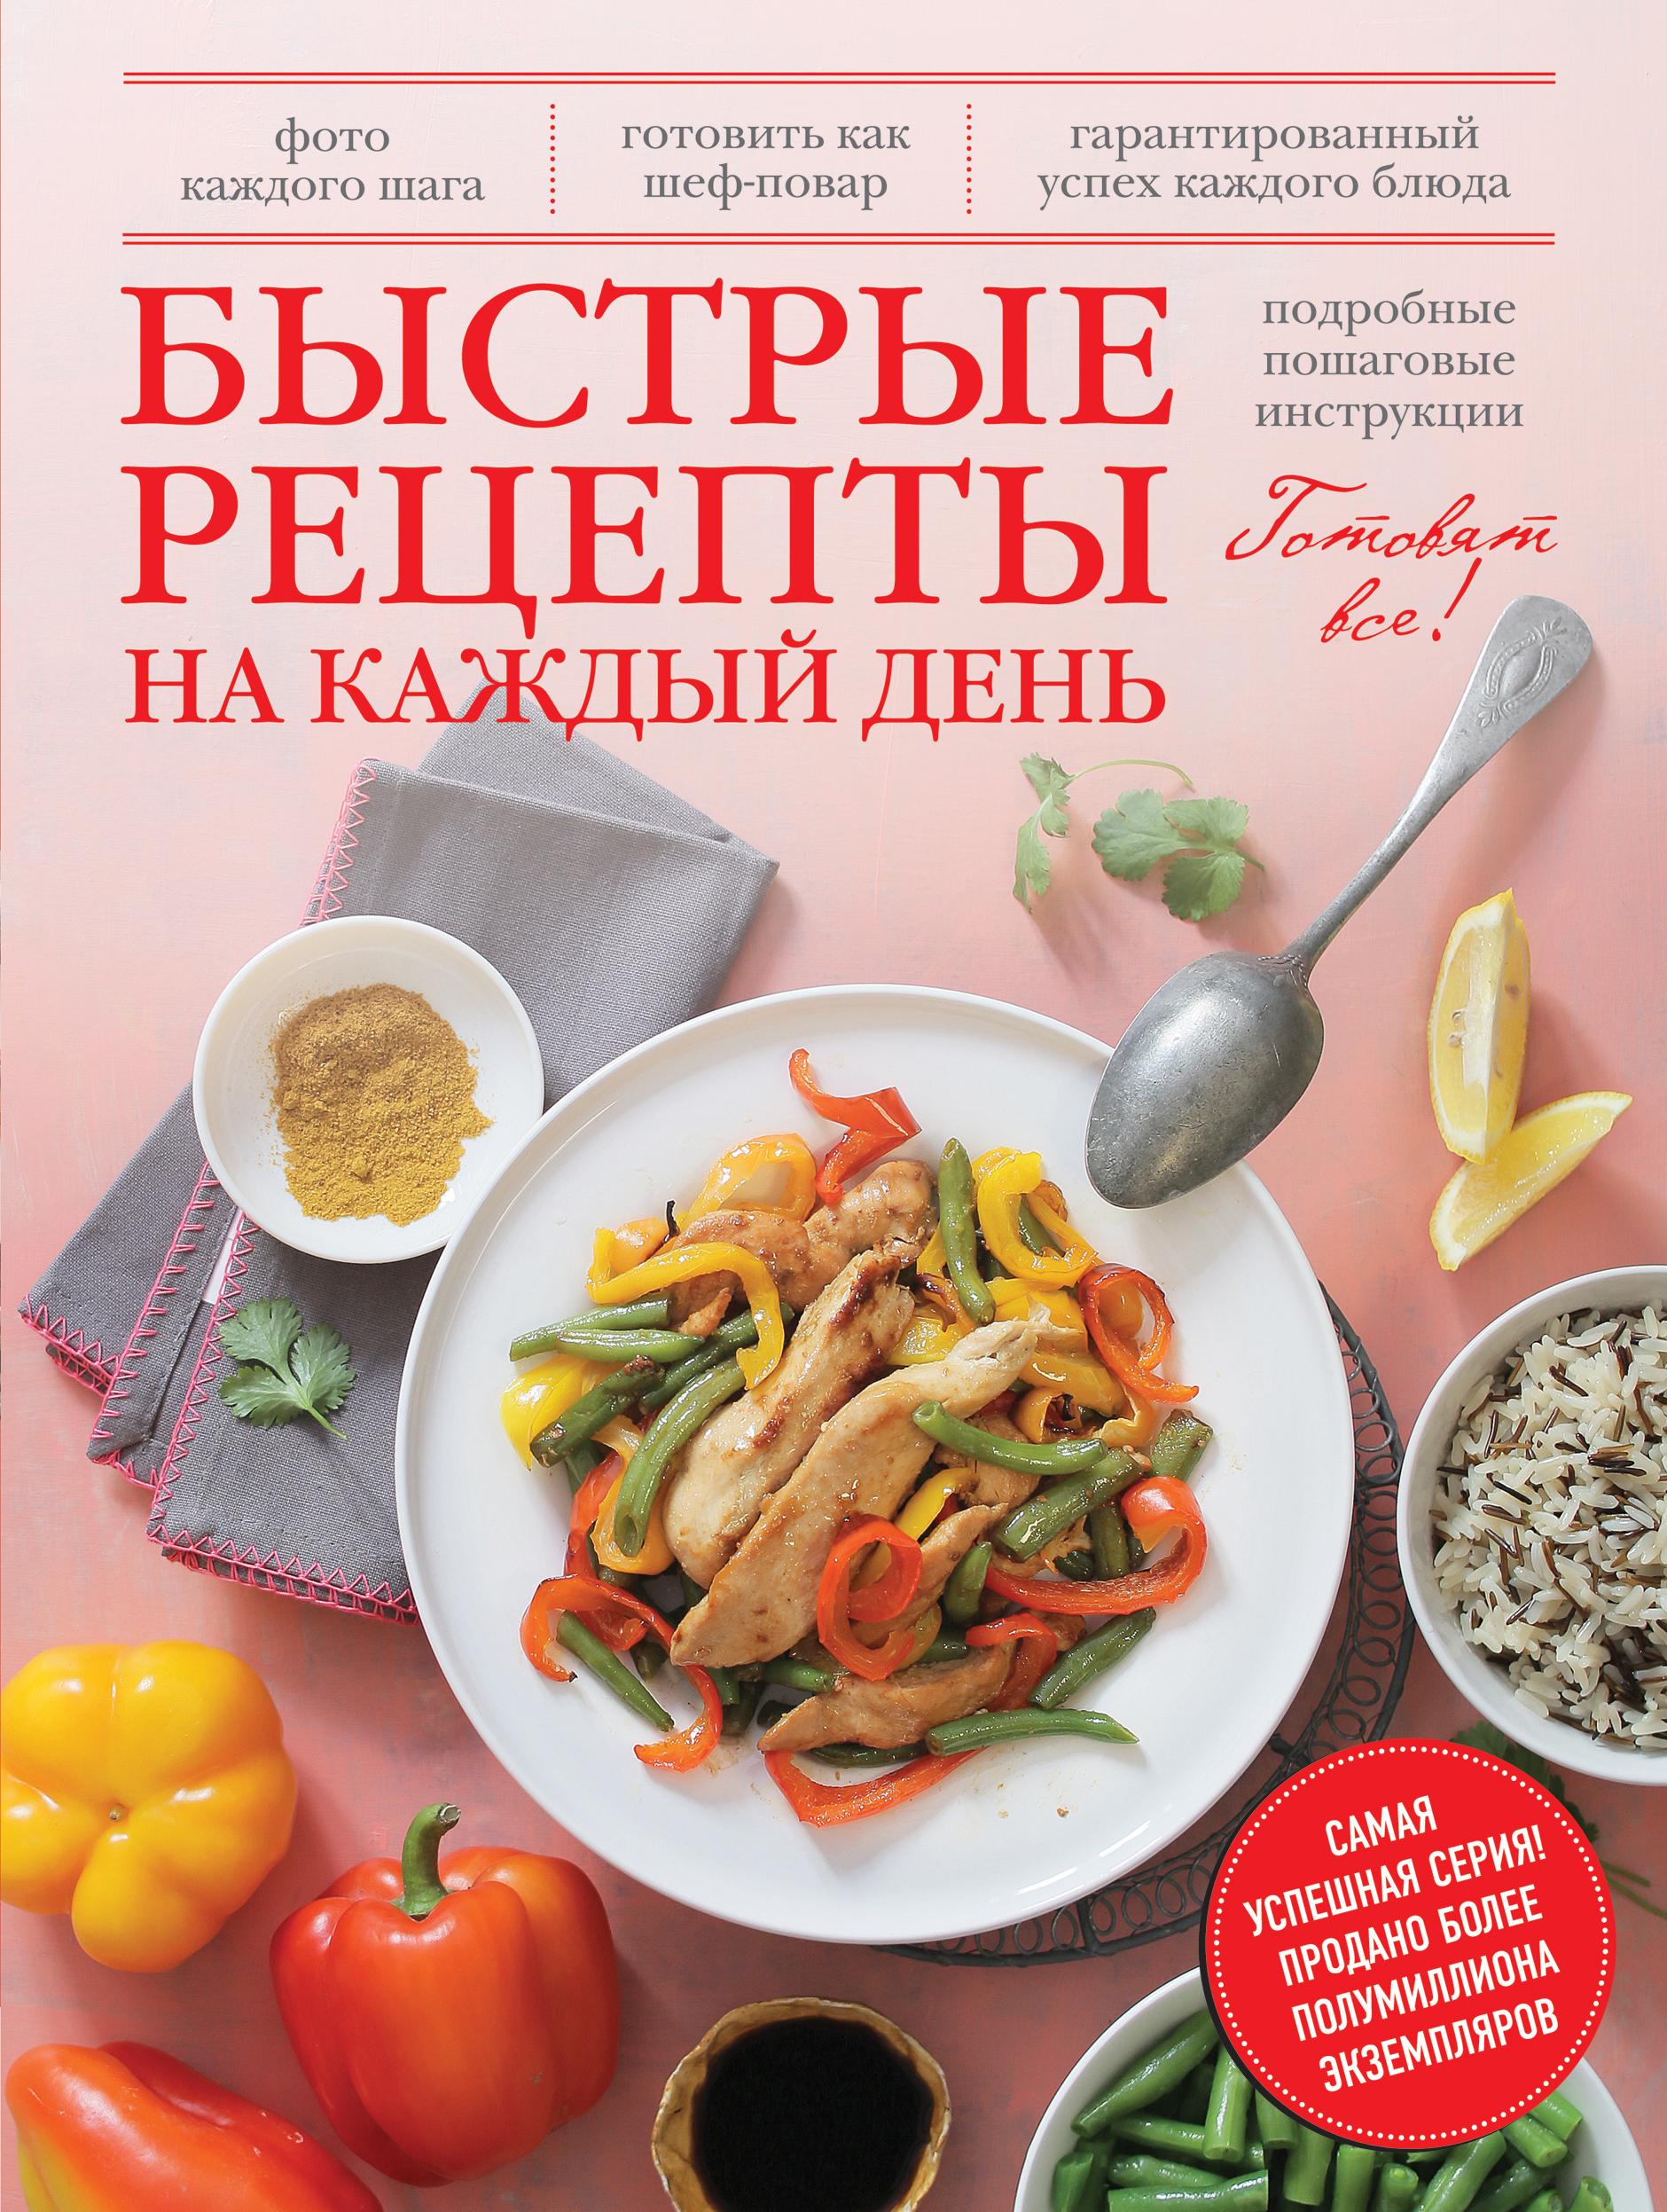 Быстрые рецепты на каждый день отсутствует быстрые рецепты на каждый день